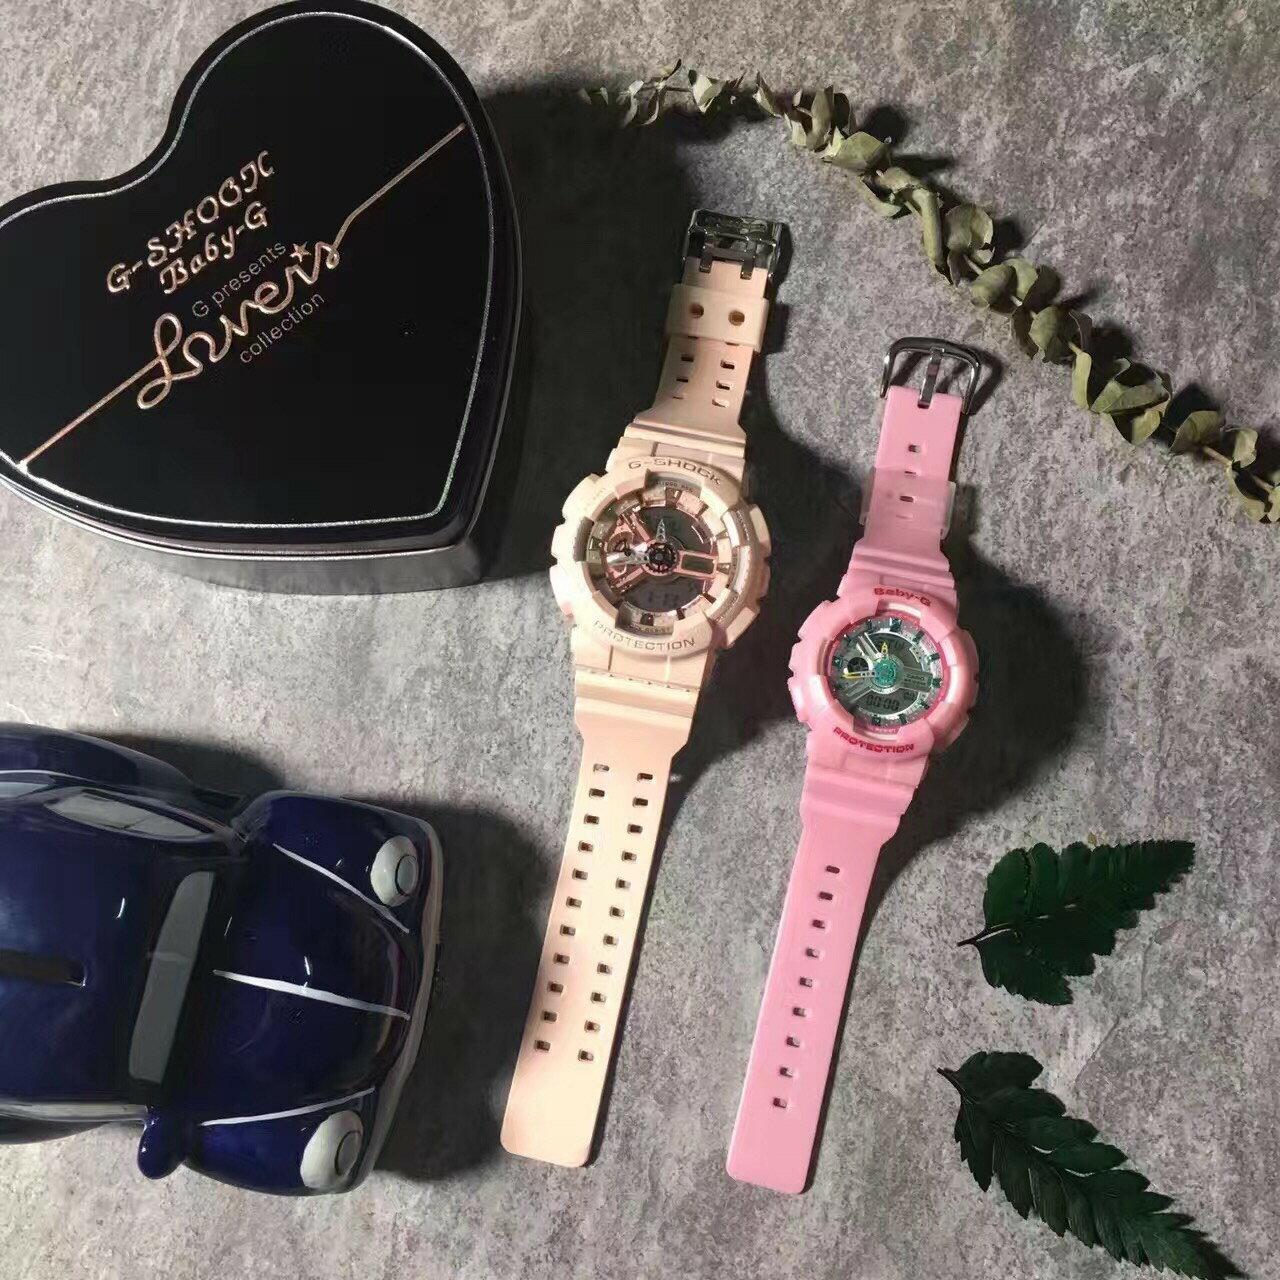 國外代購CASIO G-SHOCK GMA-S110 & BABY-G BA-110CA4A 情侶對錶 雙顯 防水手錶